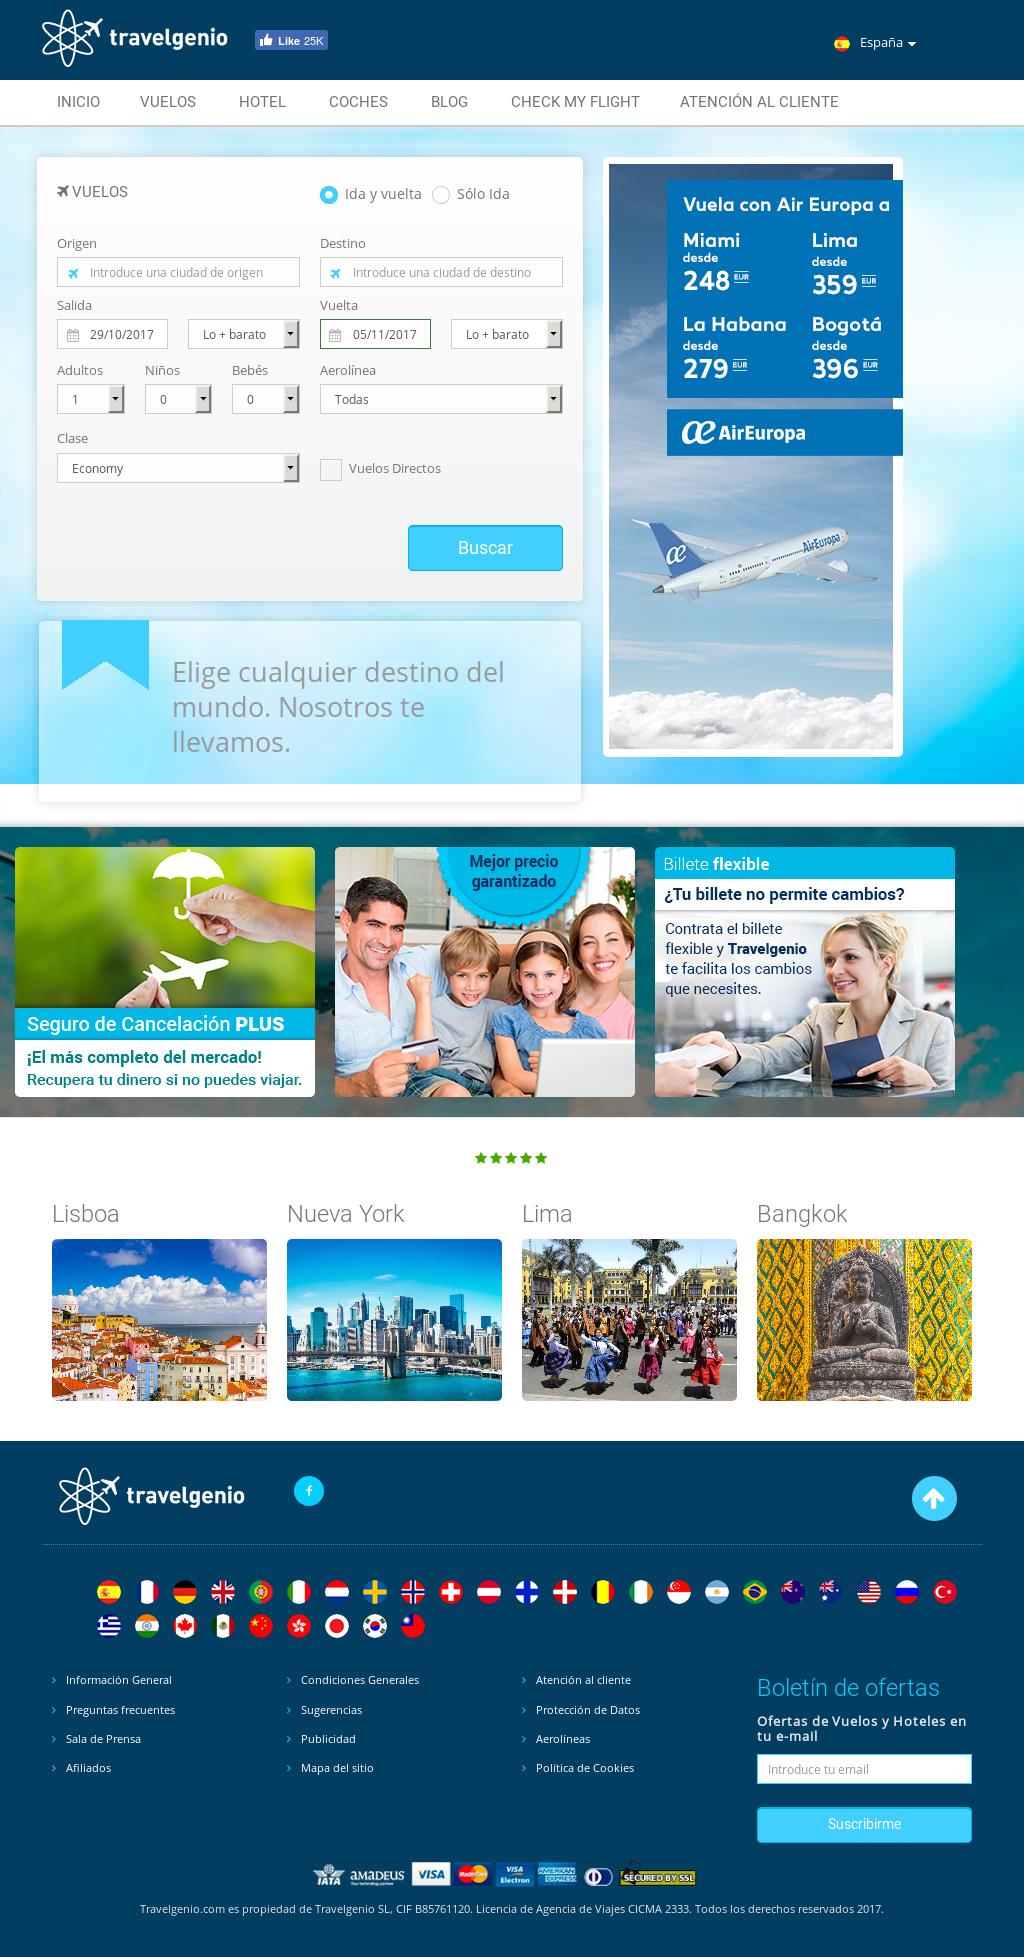 Travelgenio Competitors, Revenue and Employees - Owler